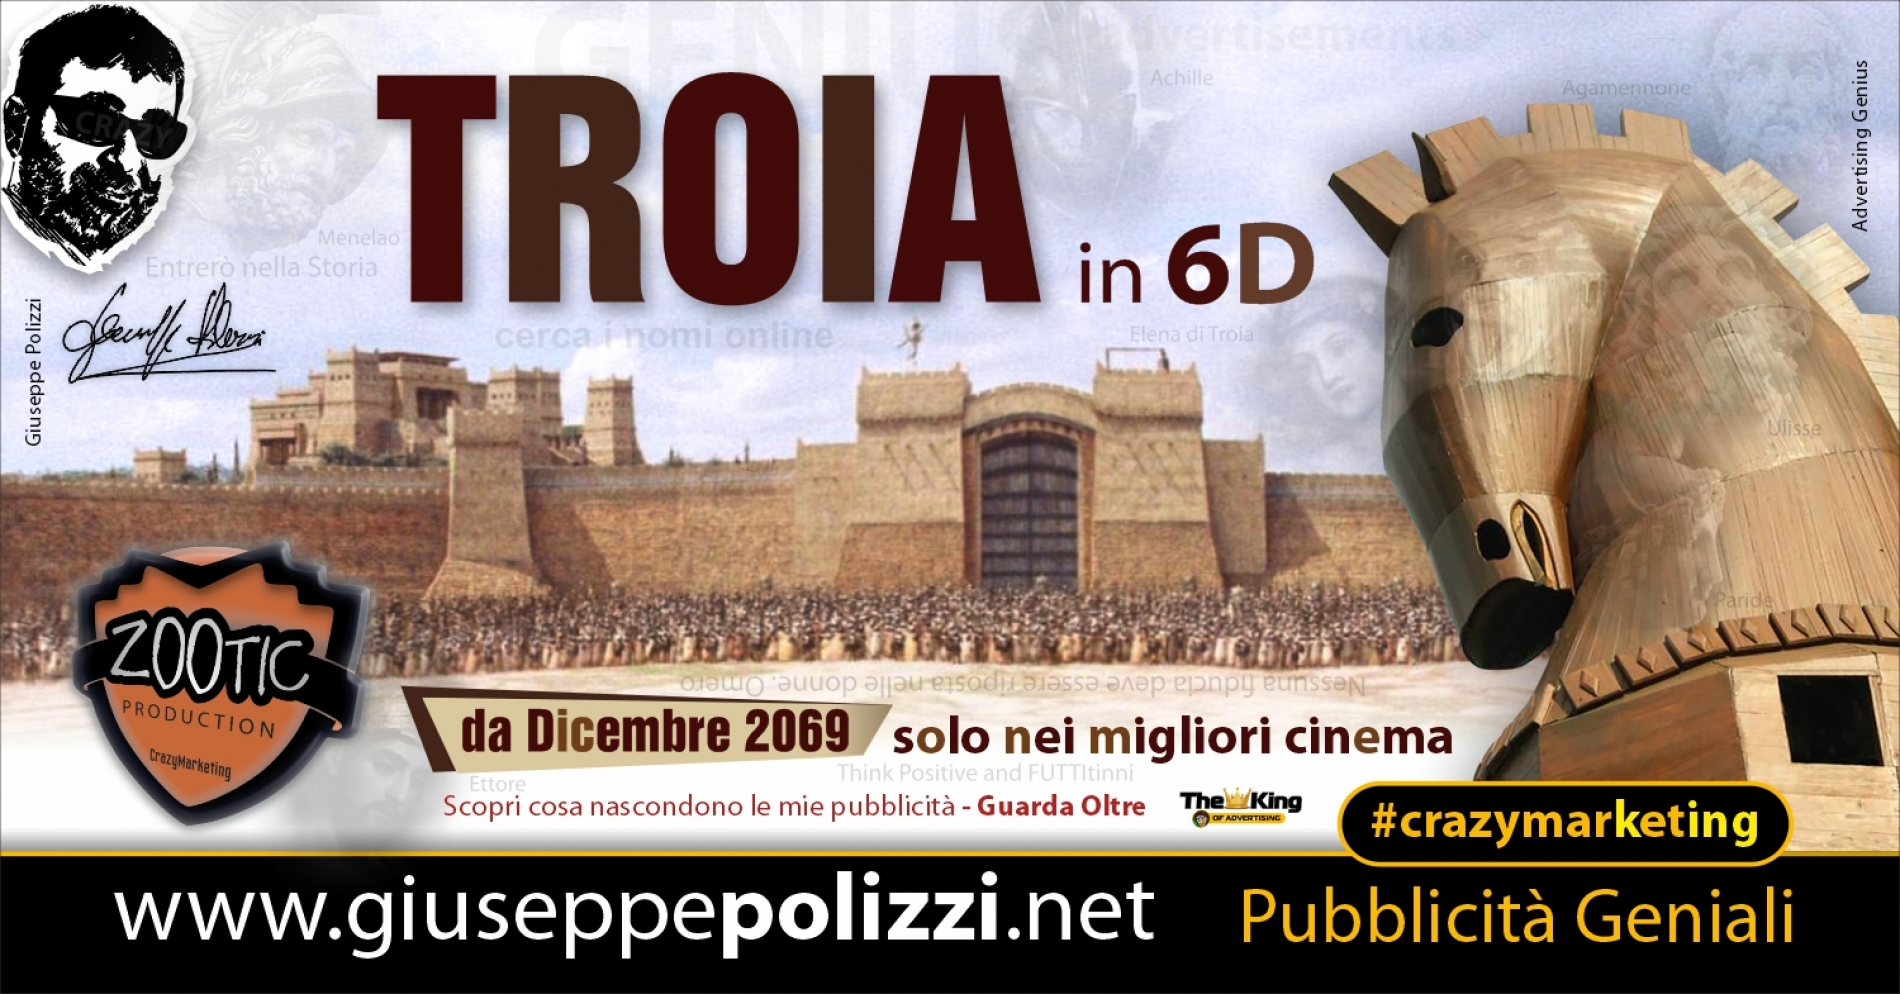 Giuseppe Polizzi Crazymarketing TROIA pubblicità geniali